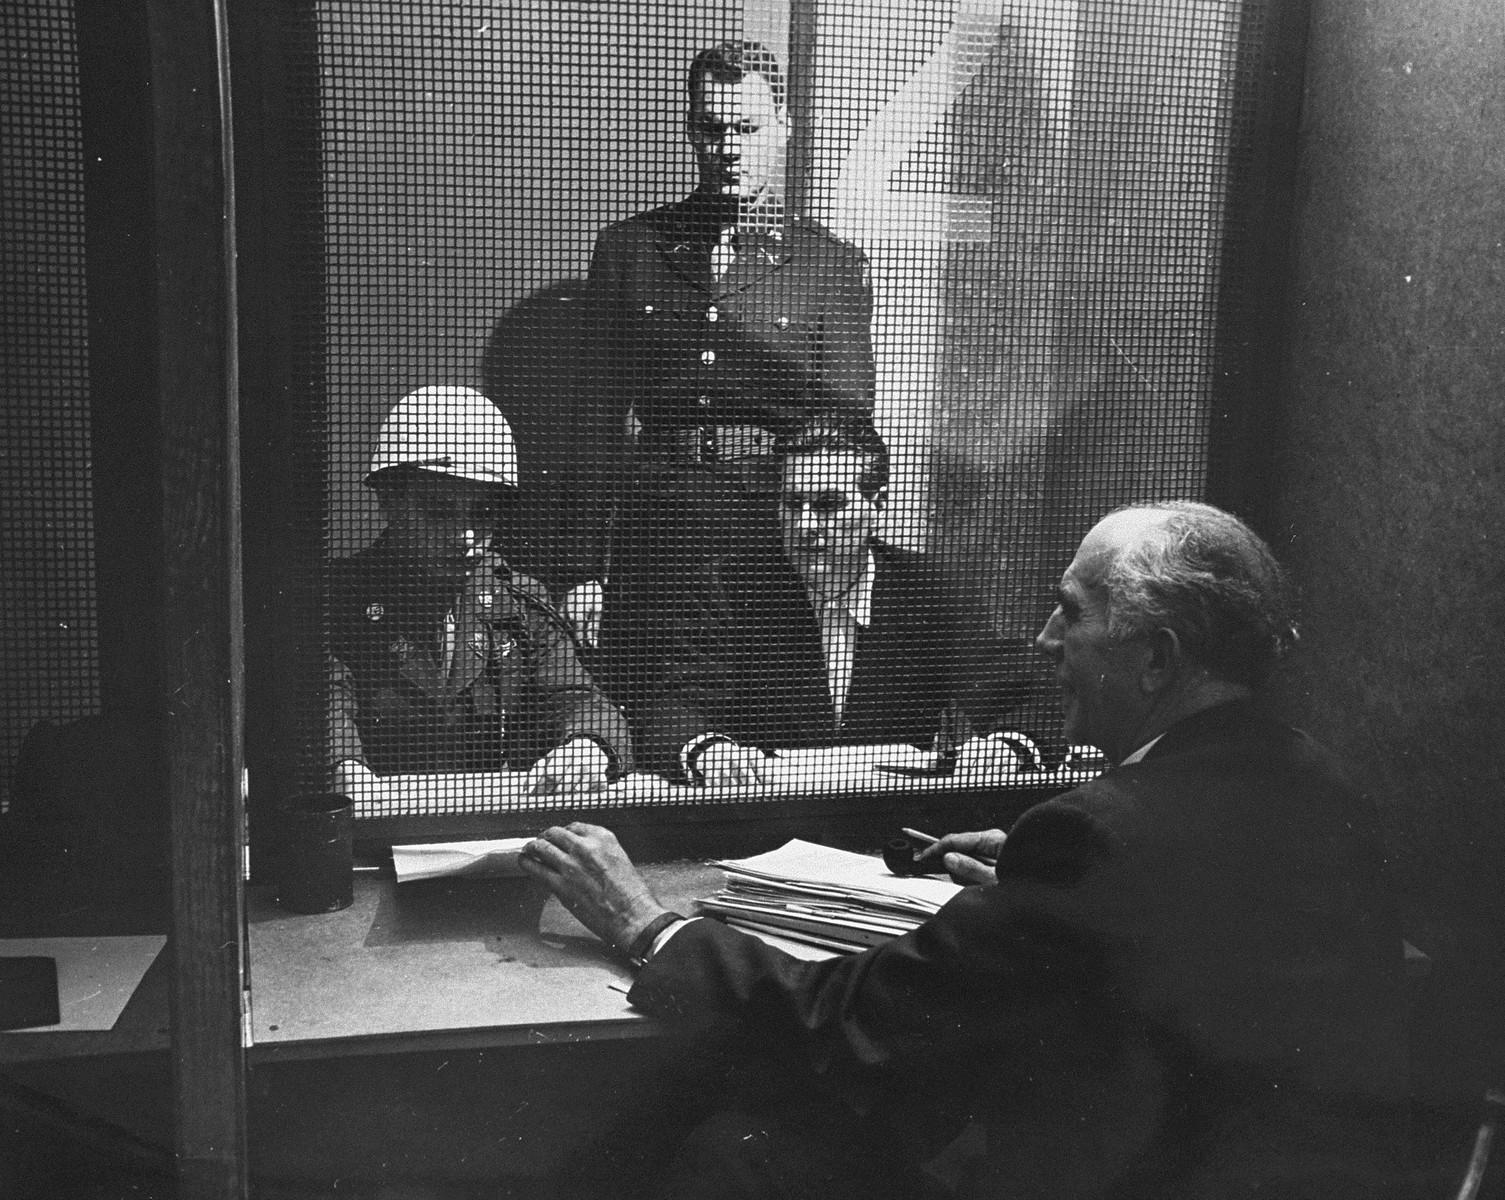 Defendant Baldur von Schirach speaks with his lawyer, Dr. Fritz Sauter, in prison during the International Military Tribunal trial of war criminals at Nuremberg.